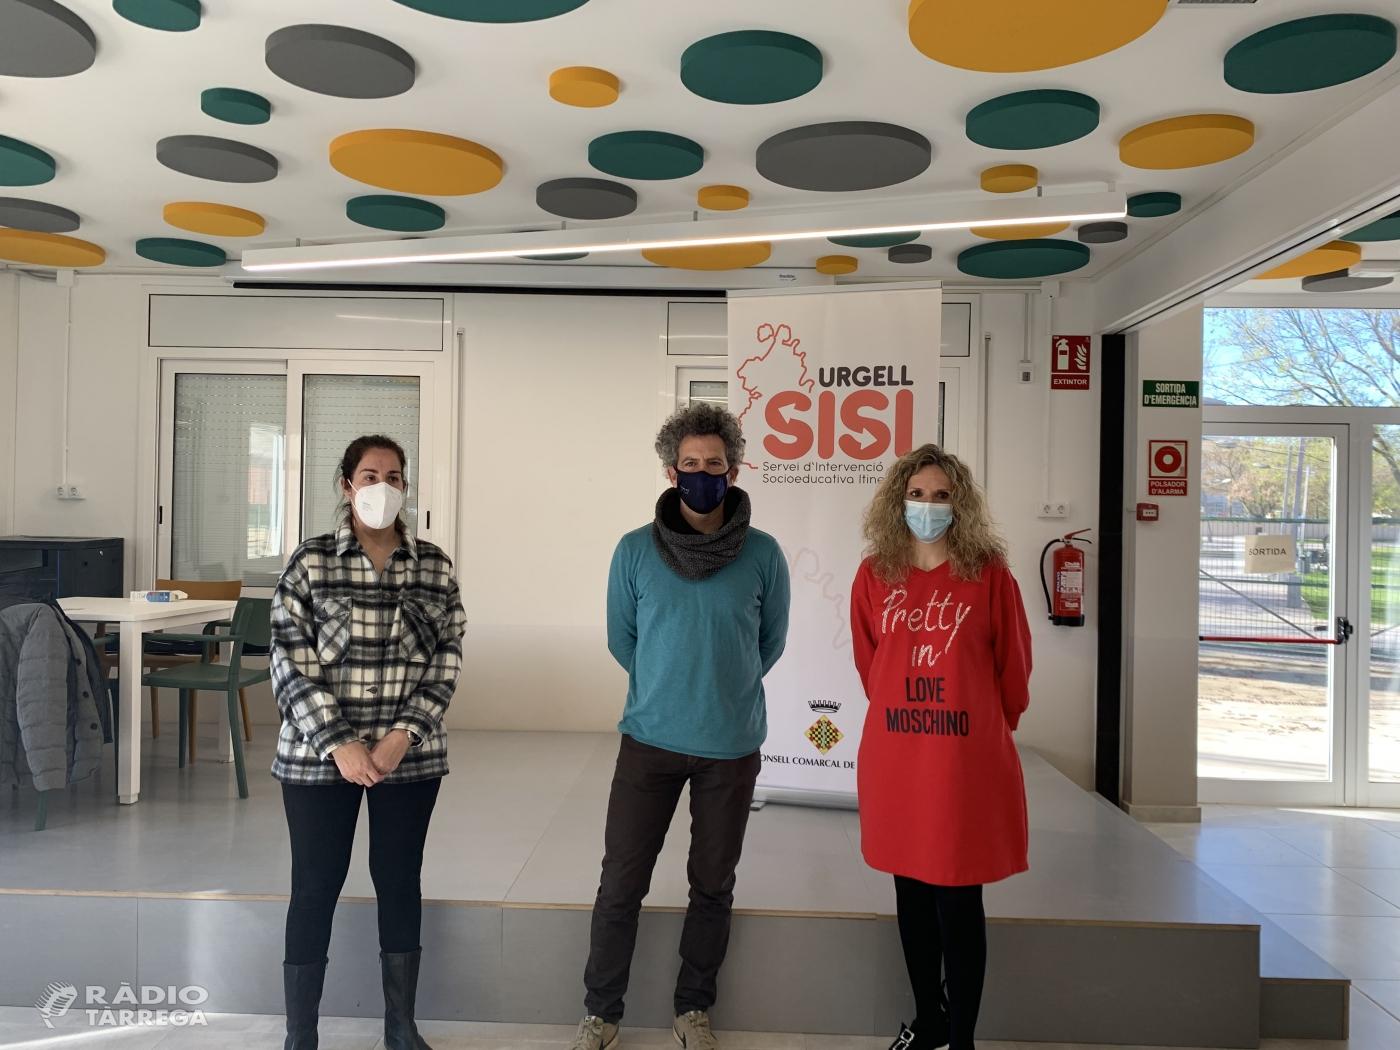 S'inaugura el SISI Urgell d'Agramunt amb la implantació dos nous serveis per a infants i adolescents